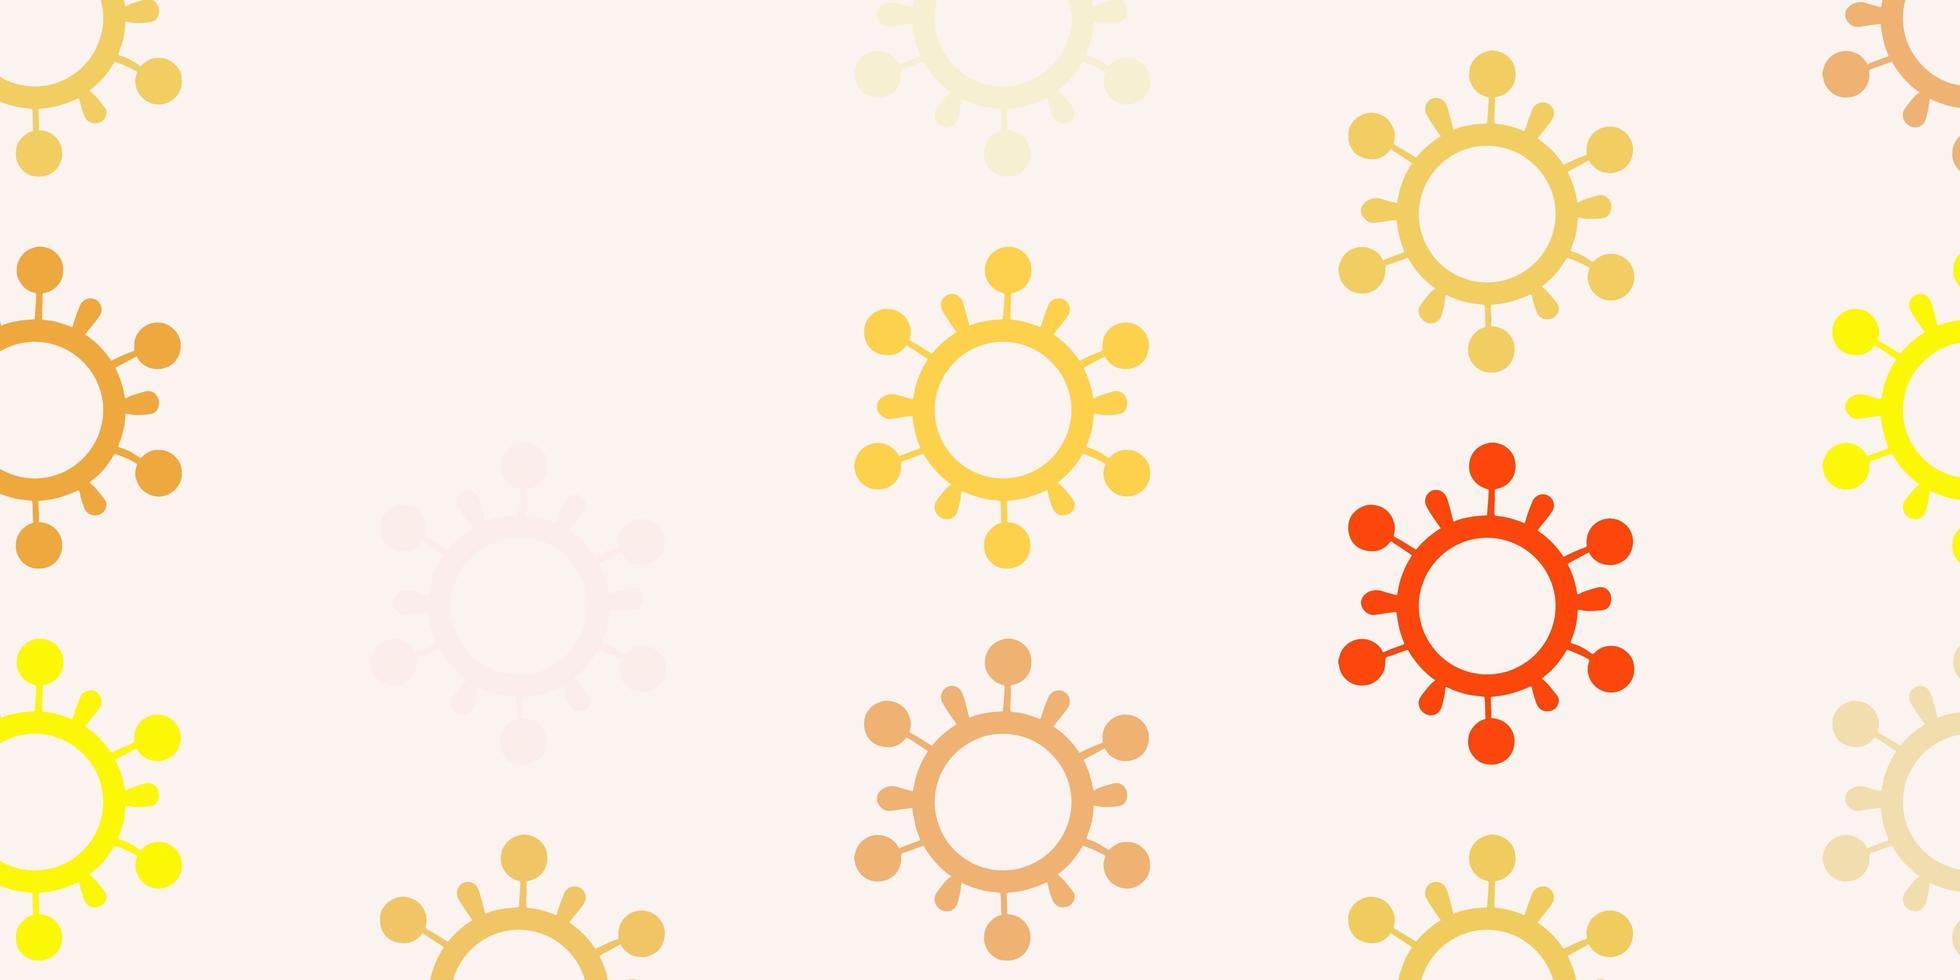 ljusrosa, gult vektormönster med coronaviruselement. vektor